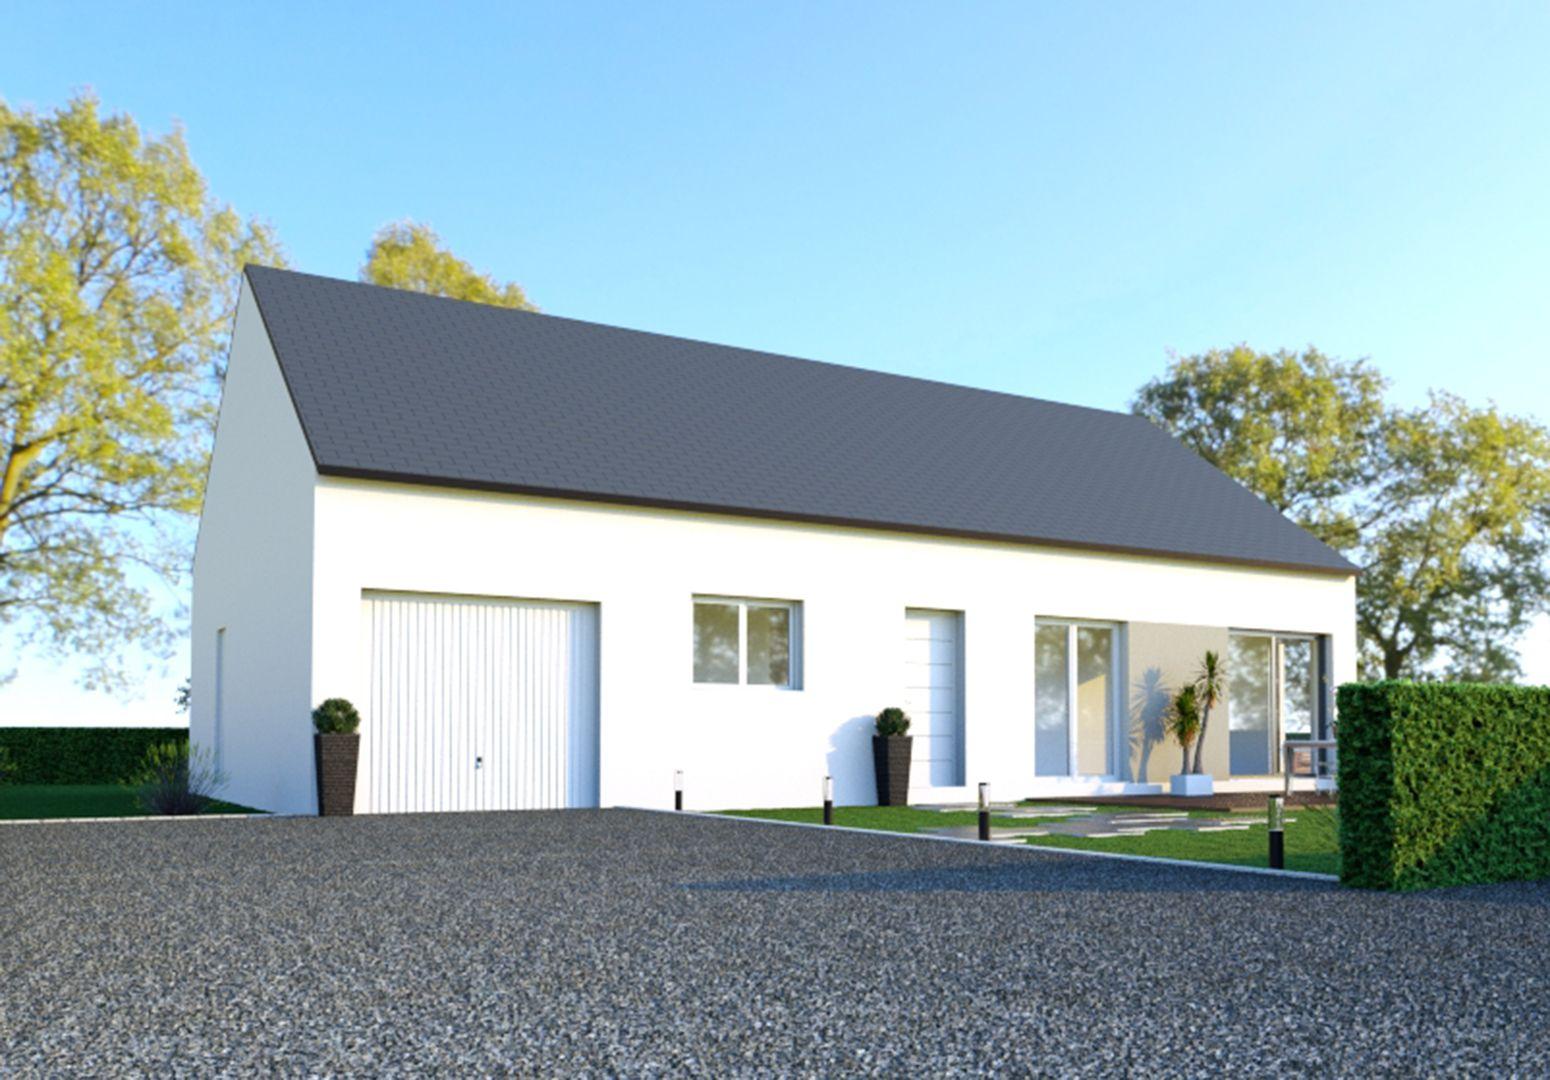 Image du modèle de maison TRÉMEUR 3CH 100